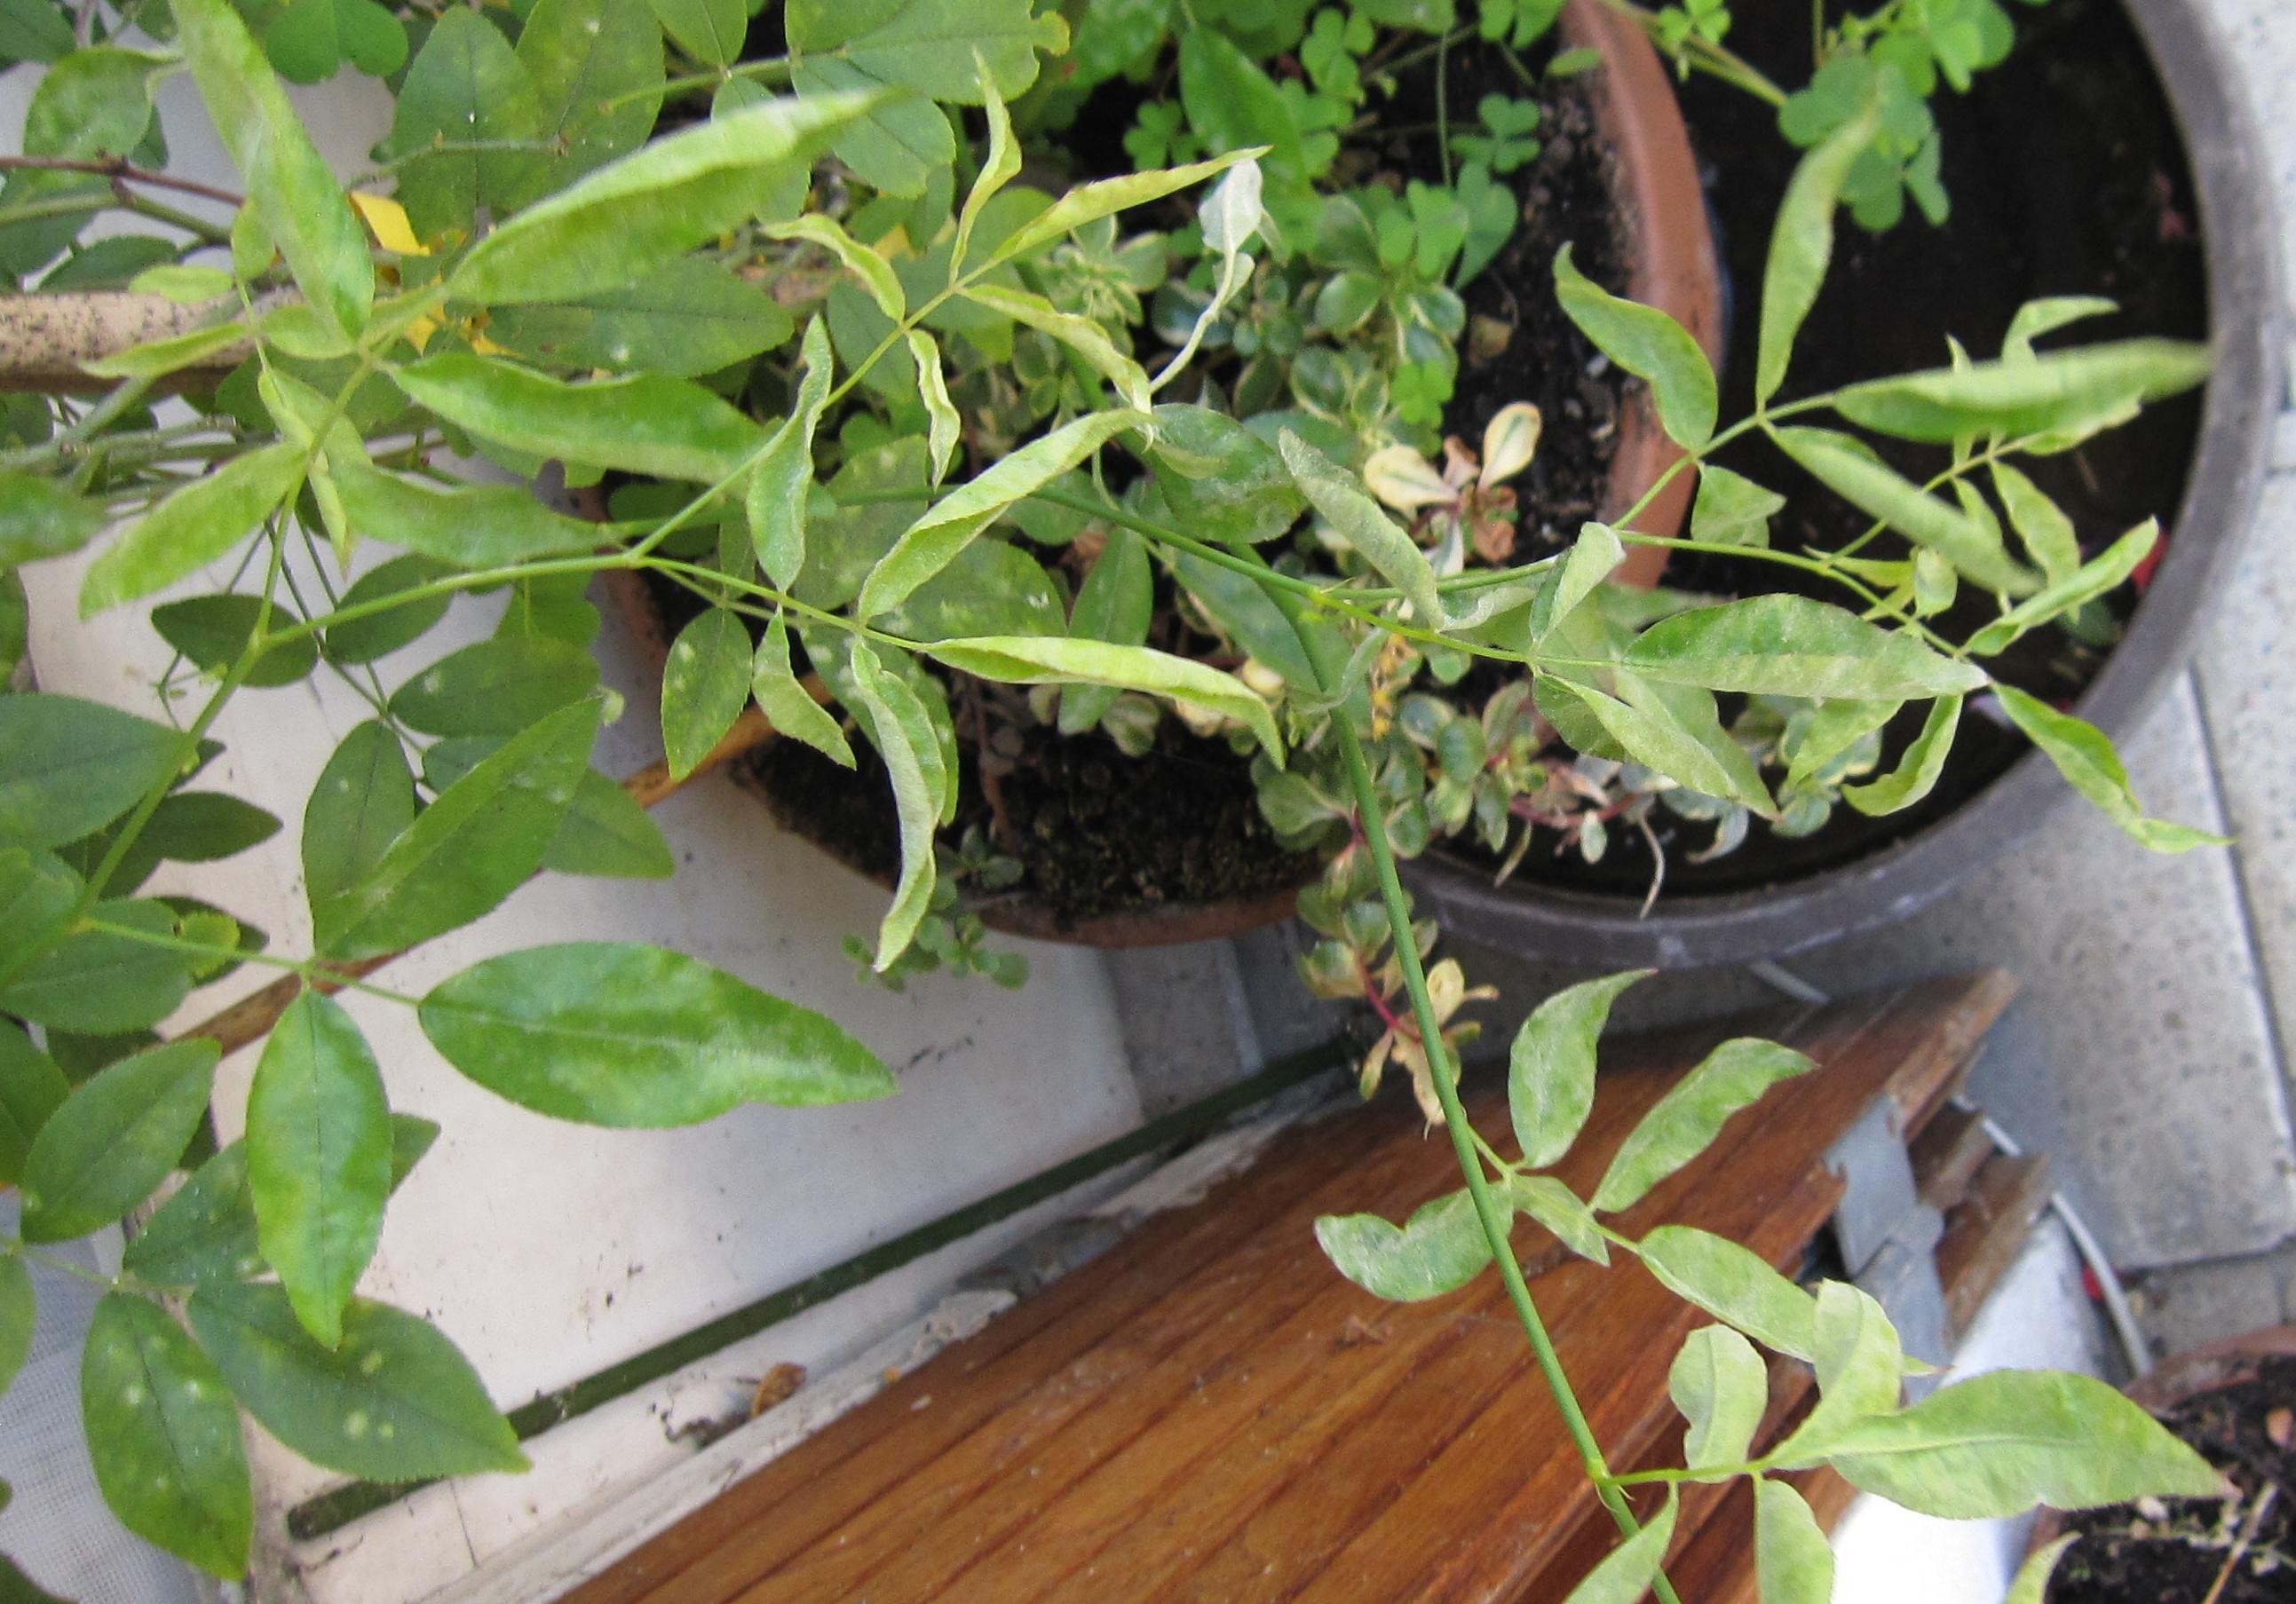 Identifie oidium rosier malade est ce de l 39 o dium au jardin forum de jardinage - Feuilles de rosier qui jaunissent ...